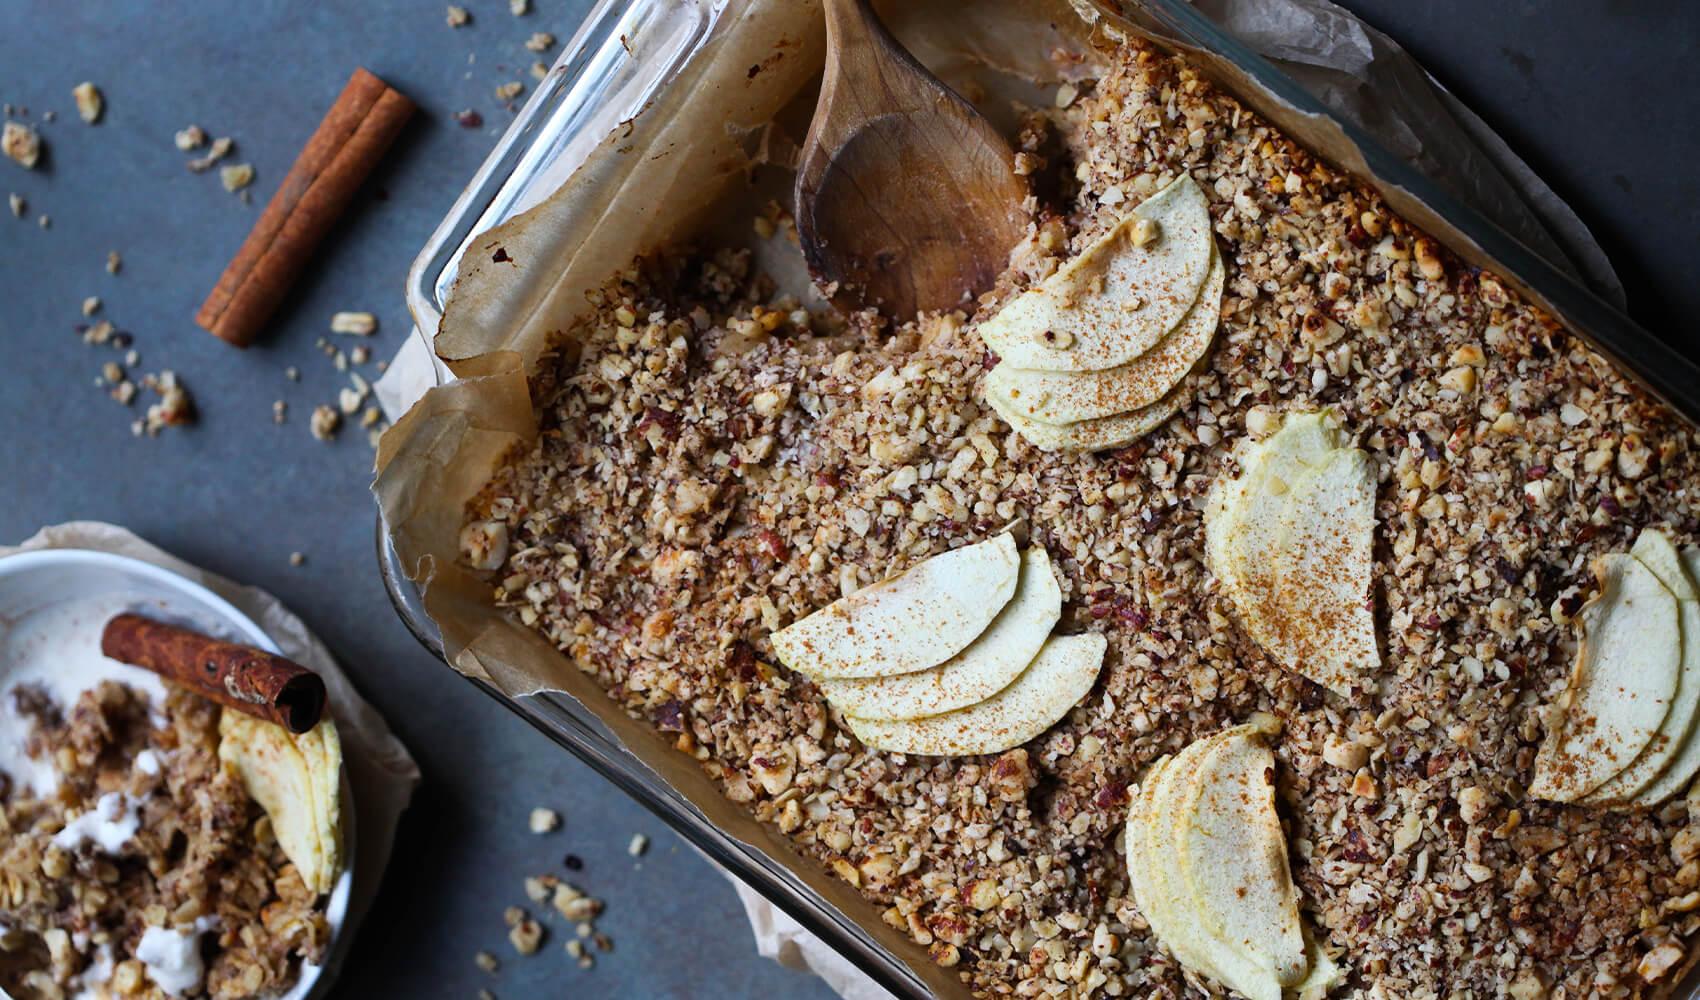 Apple Cinnamon Hazelnut Breakfast Bake